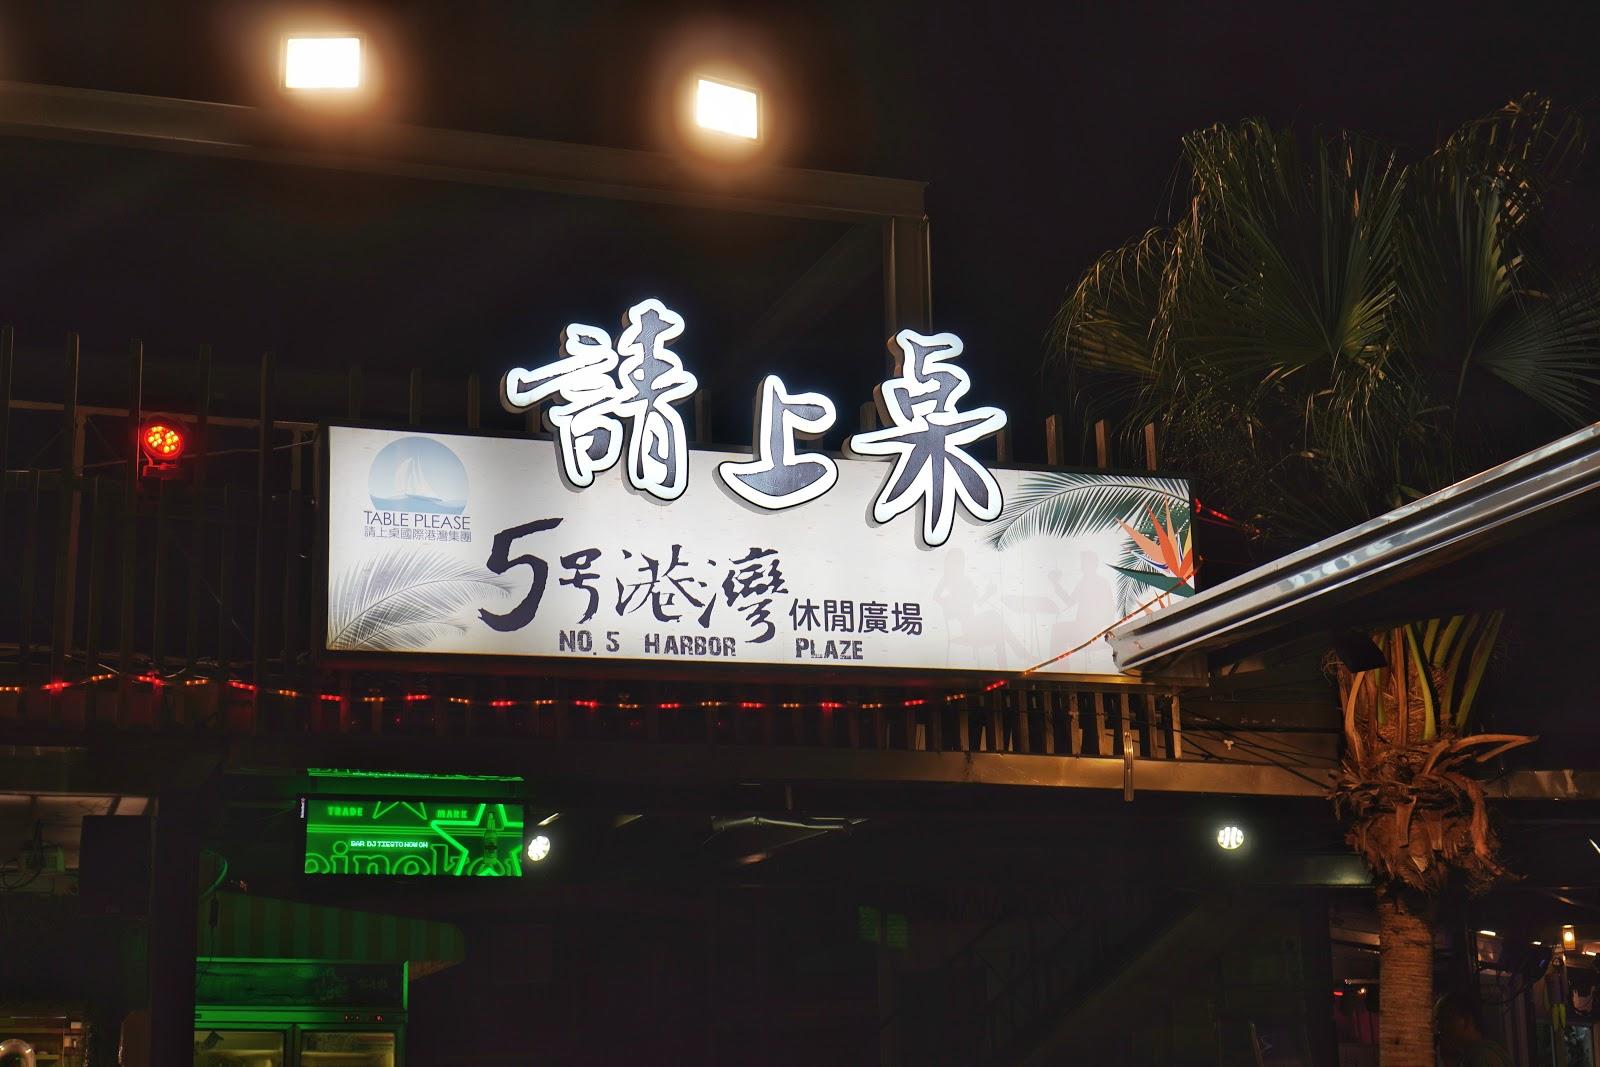 台南安平區美食【請上桌國際港灣】環境介紹